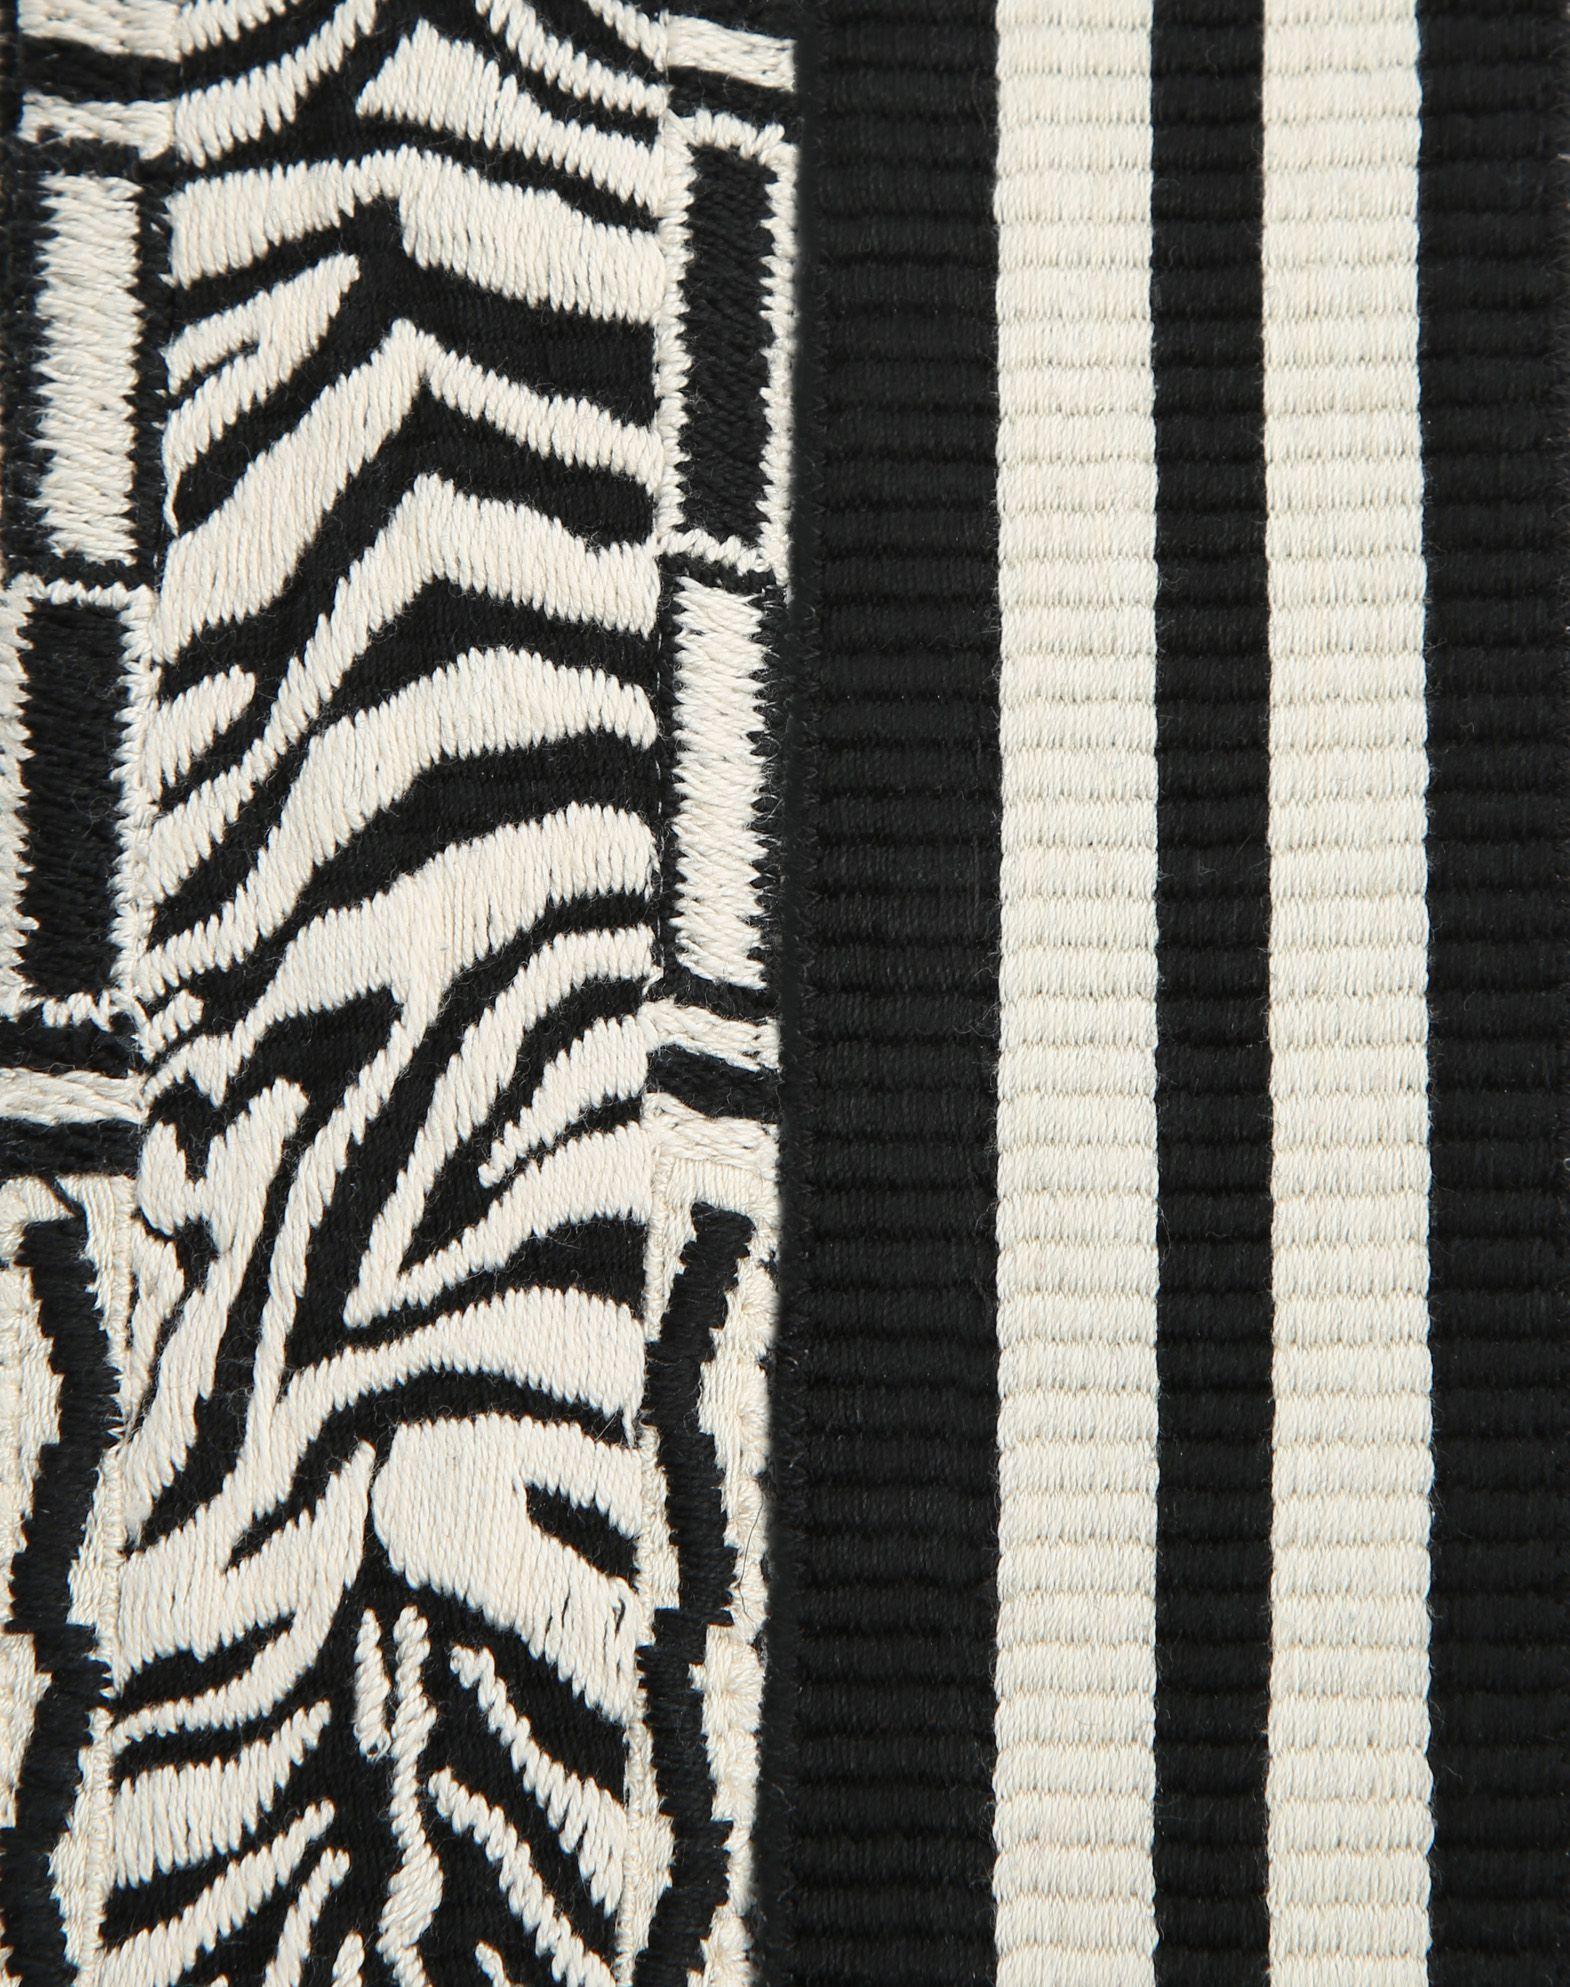 VALENTINO GARAVANI Zebra Motif Strap STRAP D d